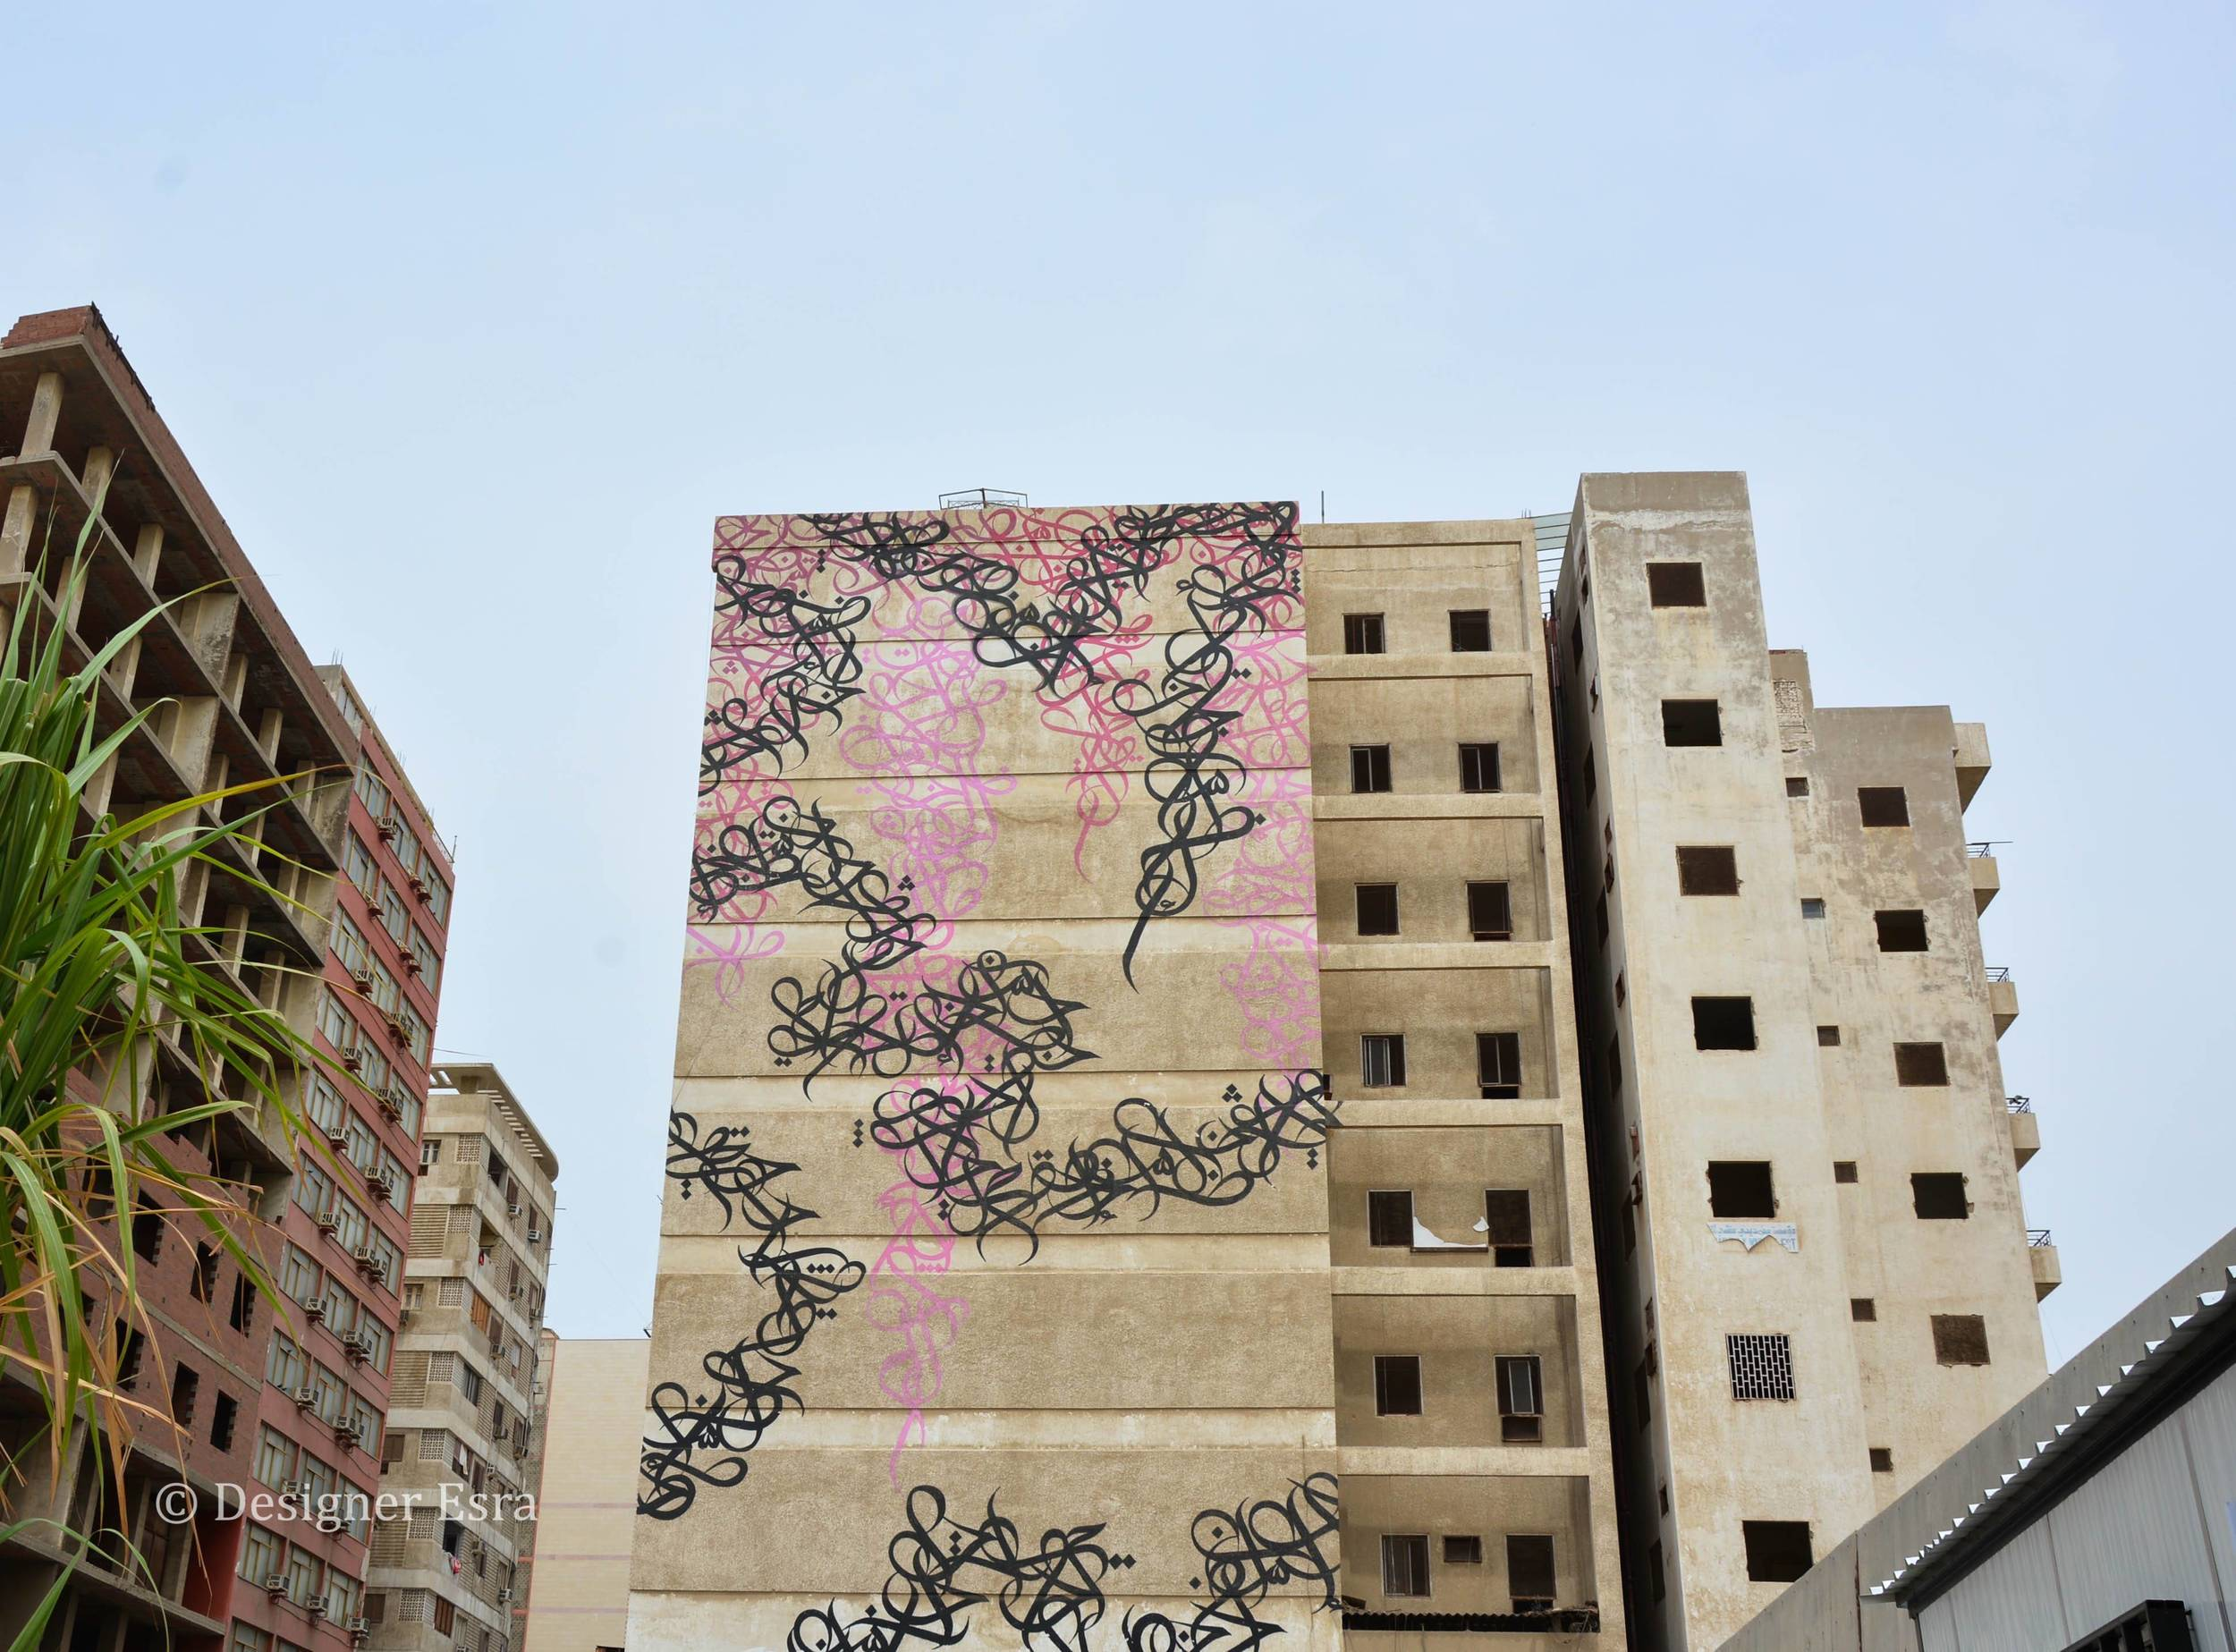 El Seed's Mural in Jeddah, Saudi